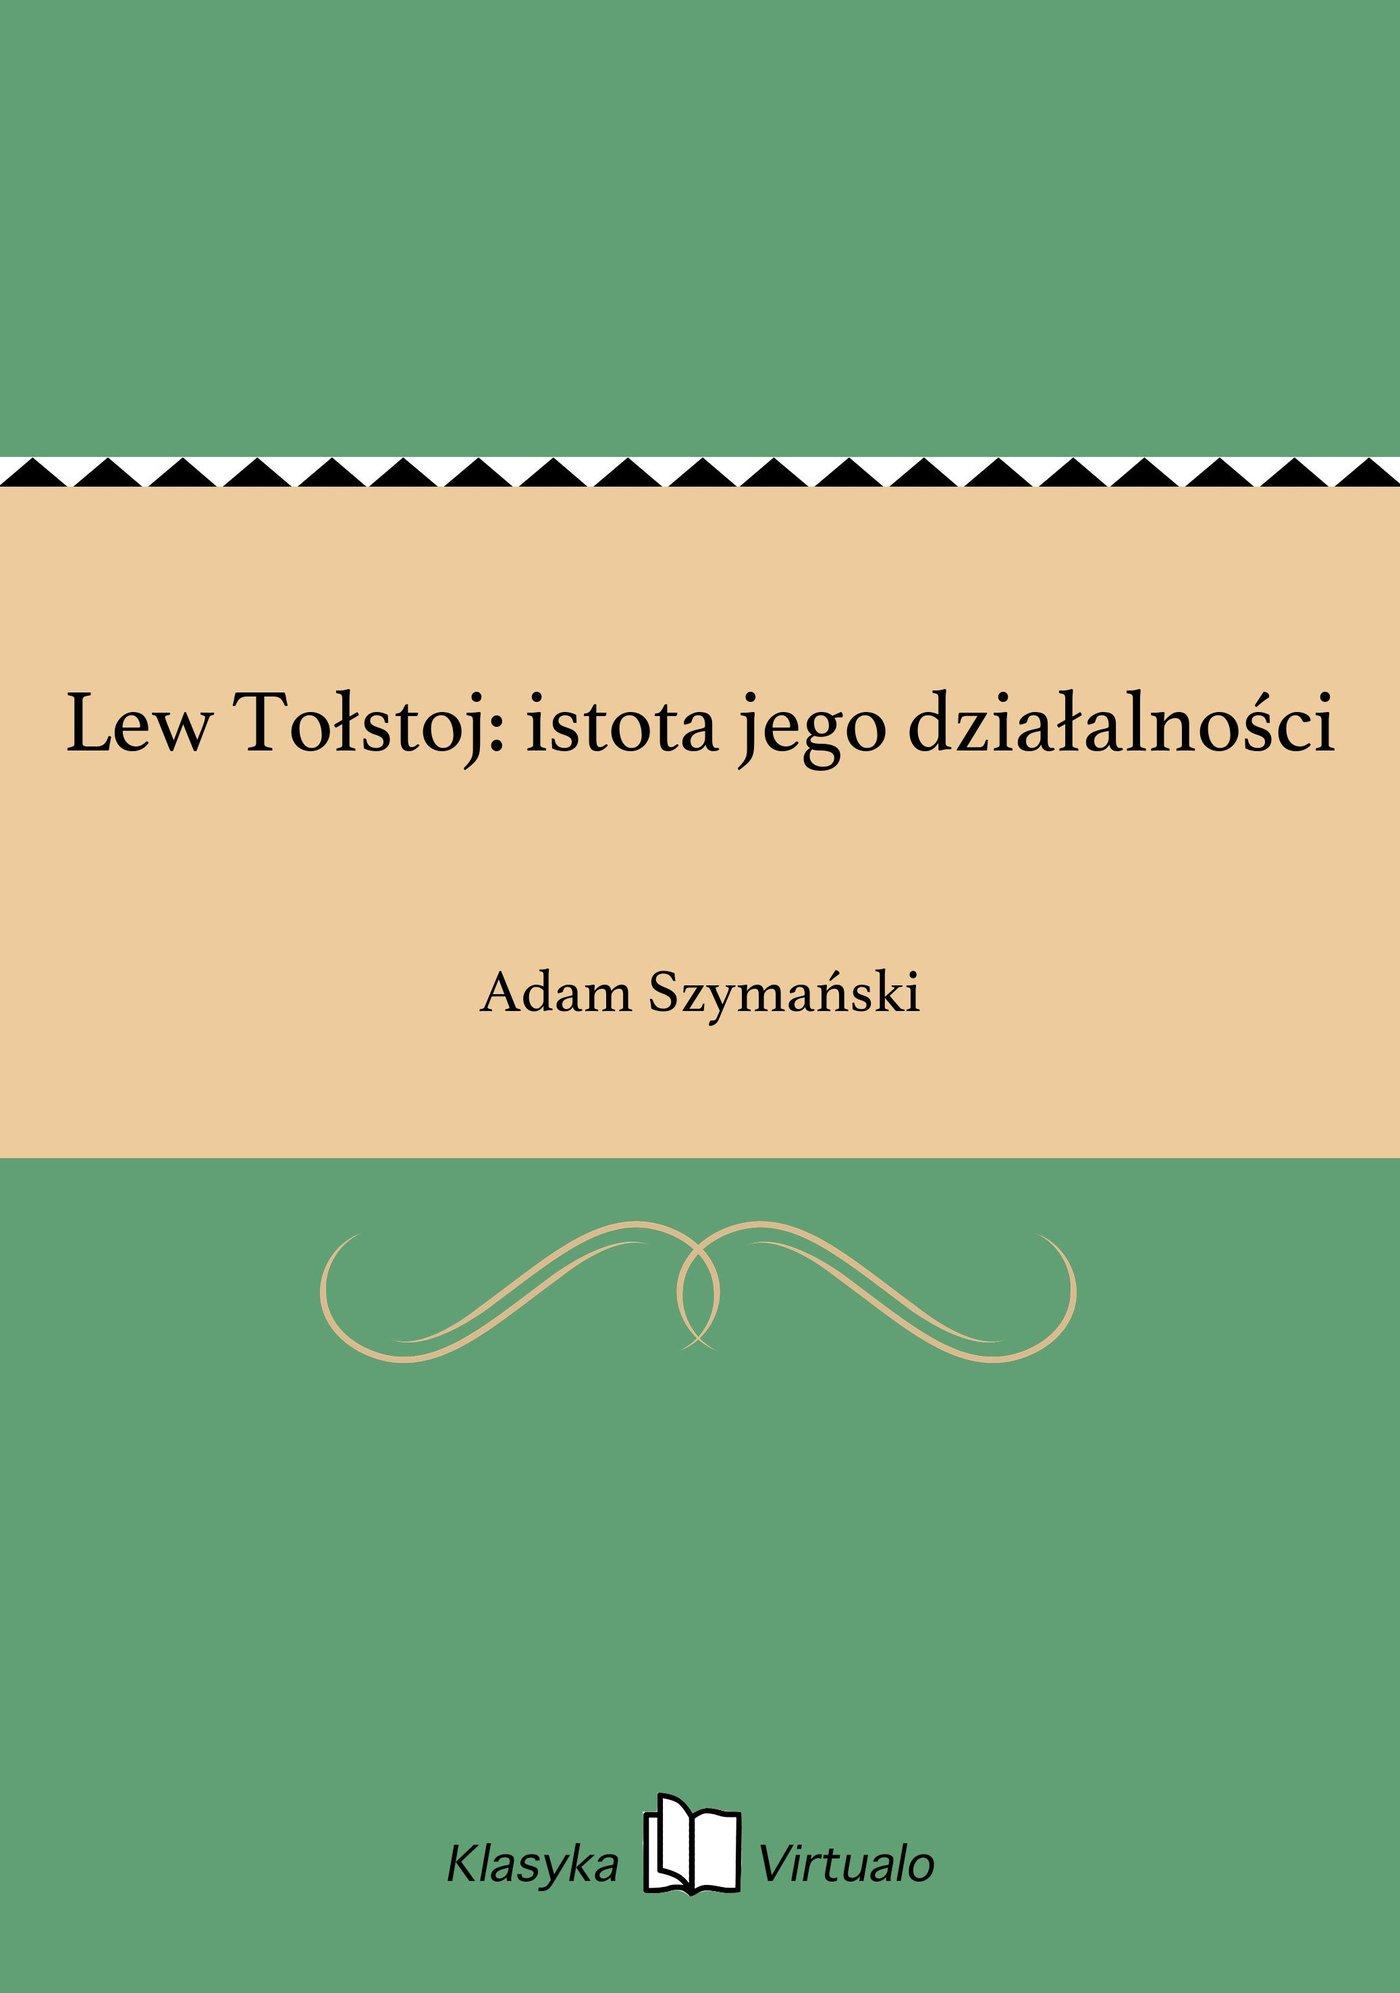 Lew Tołstoj: istota jego działalności - Ebook (Książka EPUB) do pobrania w formacie EPUB